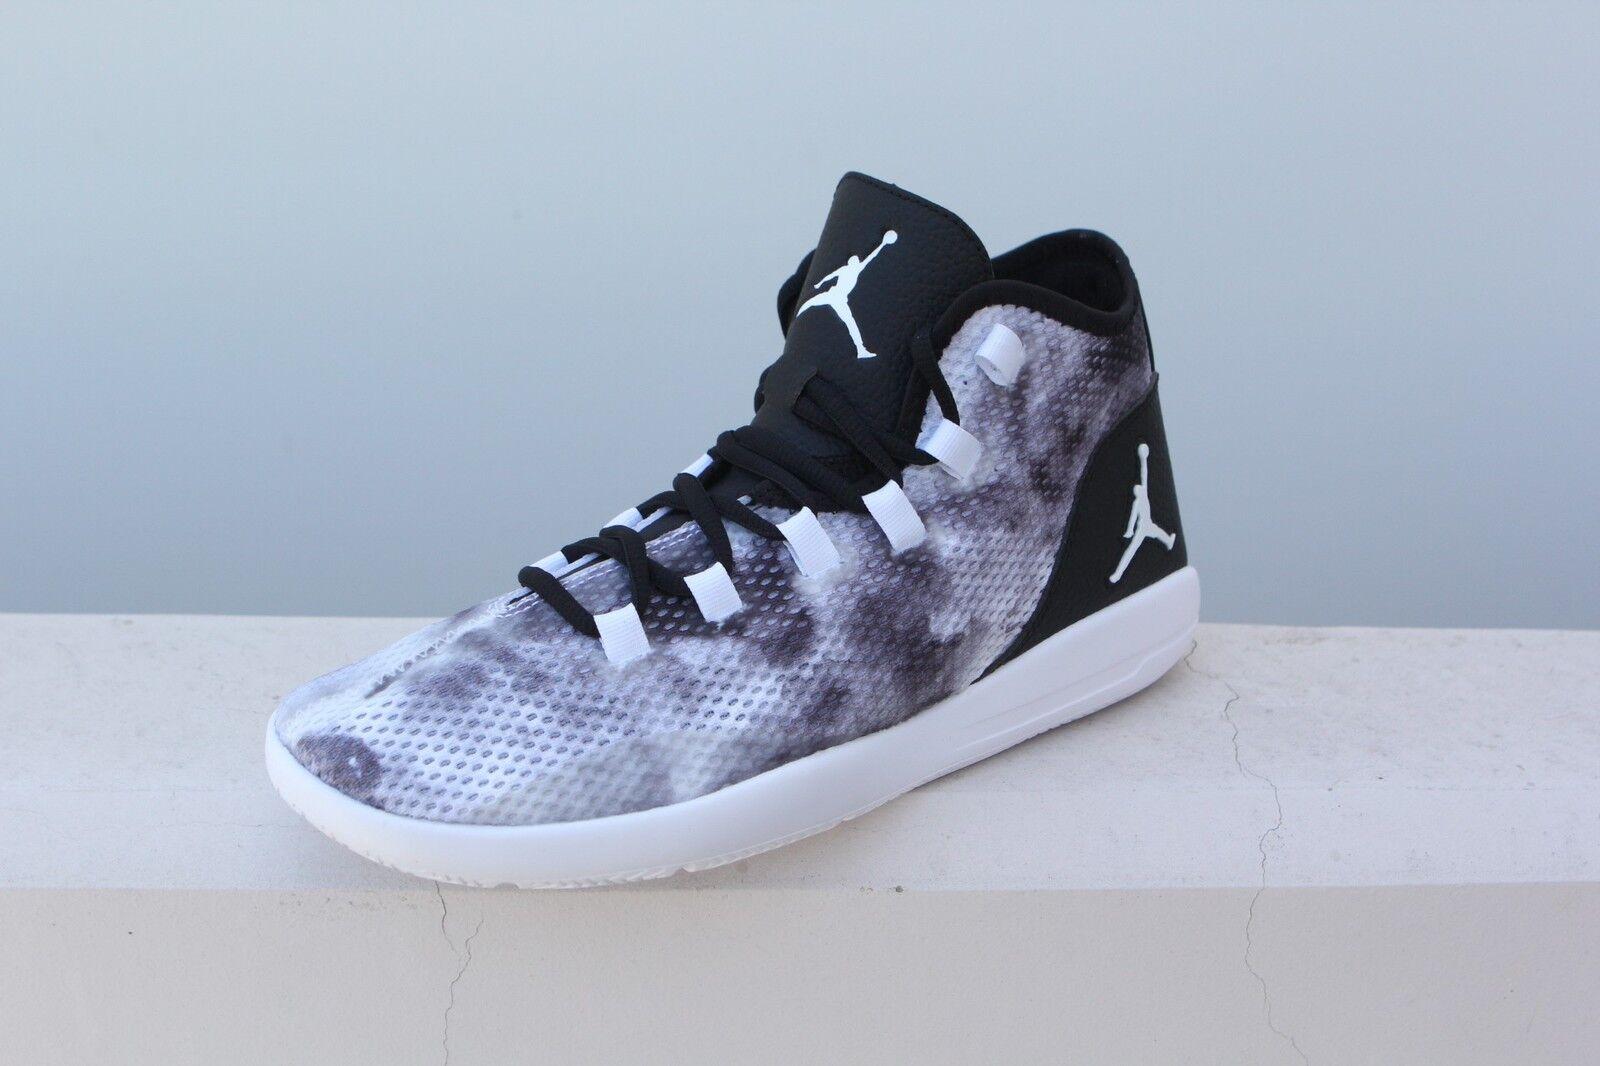 834229-011 Jordan Men Jordan Reveal Premium black white infrared 23 Great discount